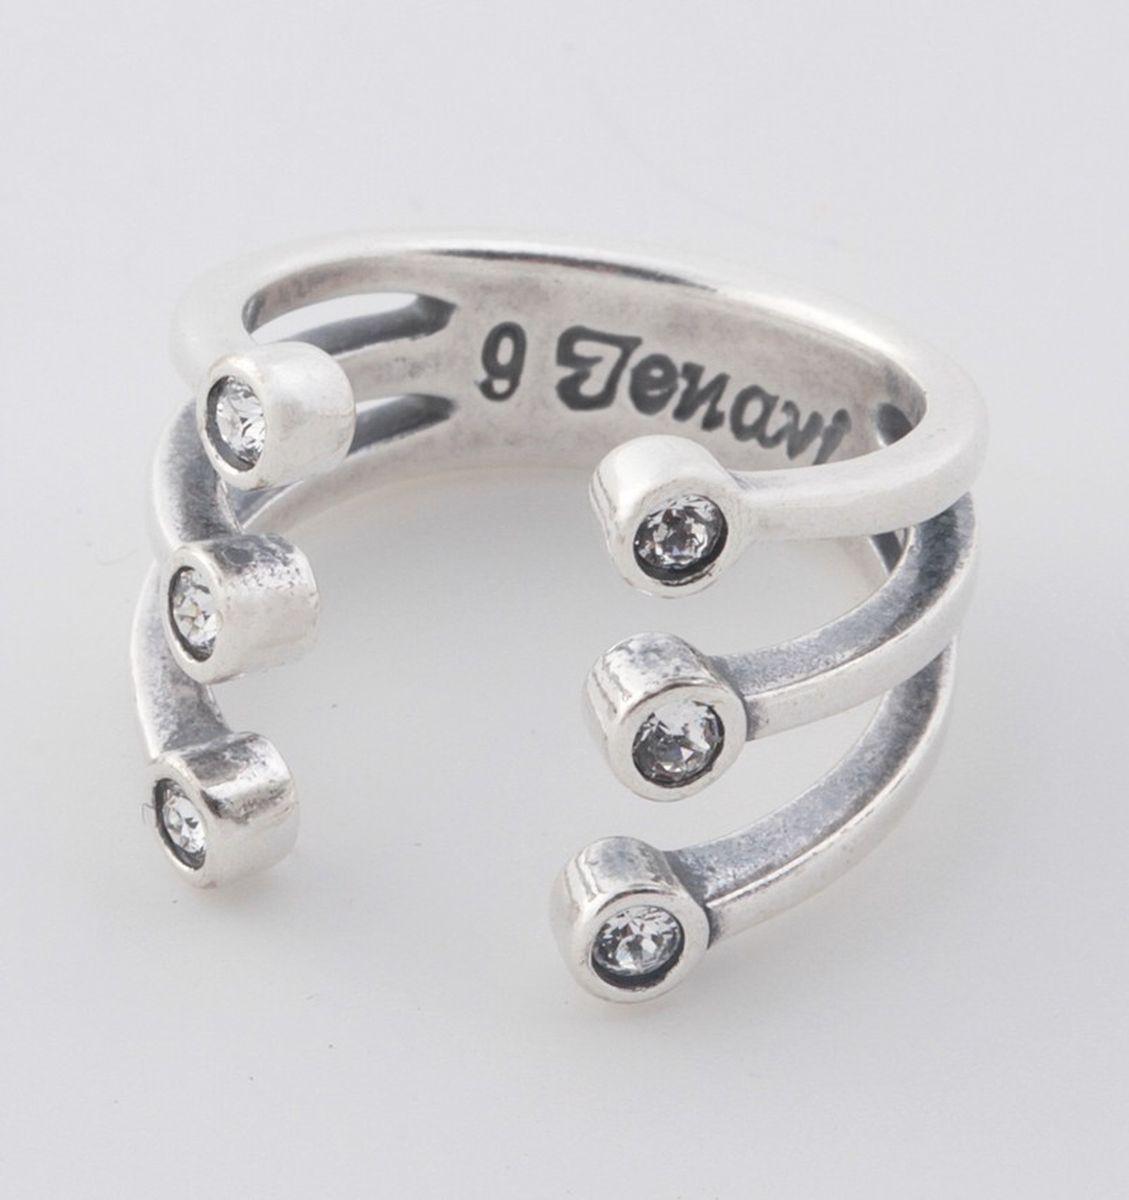 Jenavi, Коллекция Триада, Тринити (Кольцо), цвет - серебро, белый, размер - 20f6953000Коллекция Триада, Тринити (Кольцо) гипоаллергенный ювелирный сплав,Черненое серебро, вставка Кристаллы Swarovski , цвет - серебро, белый, размер - 20